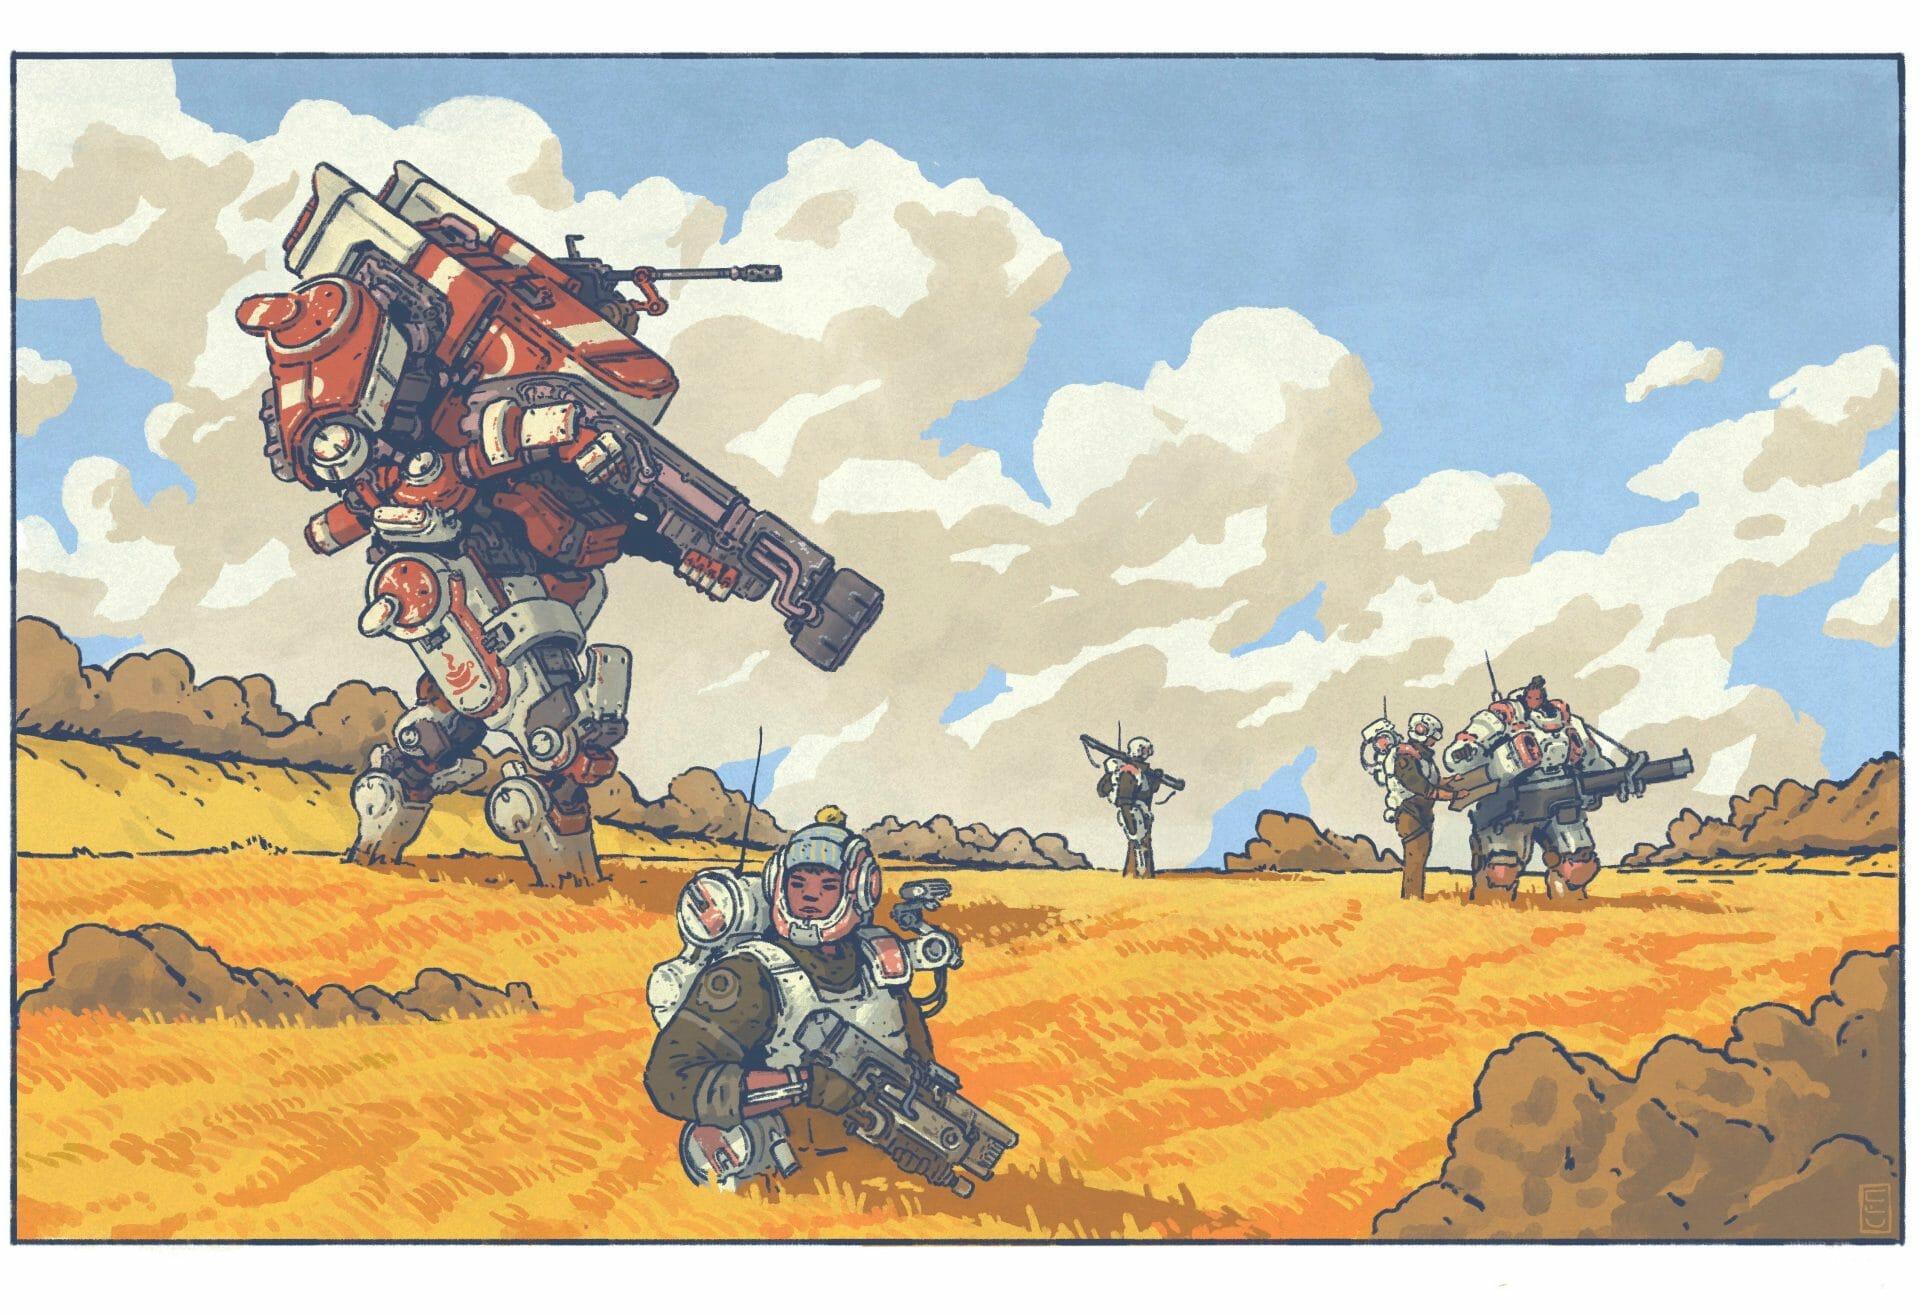 Lancer mission